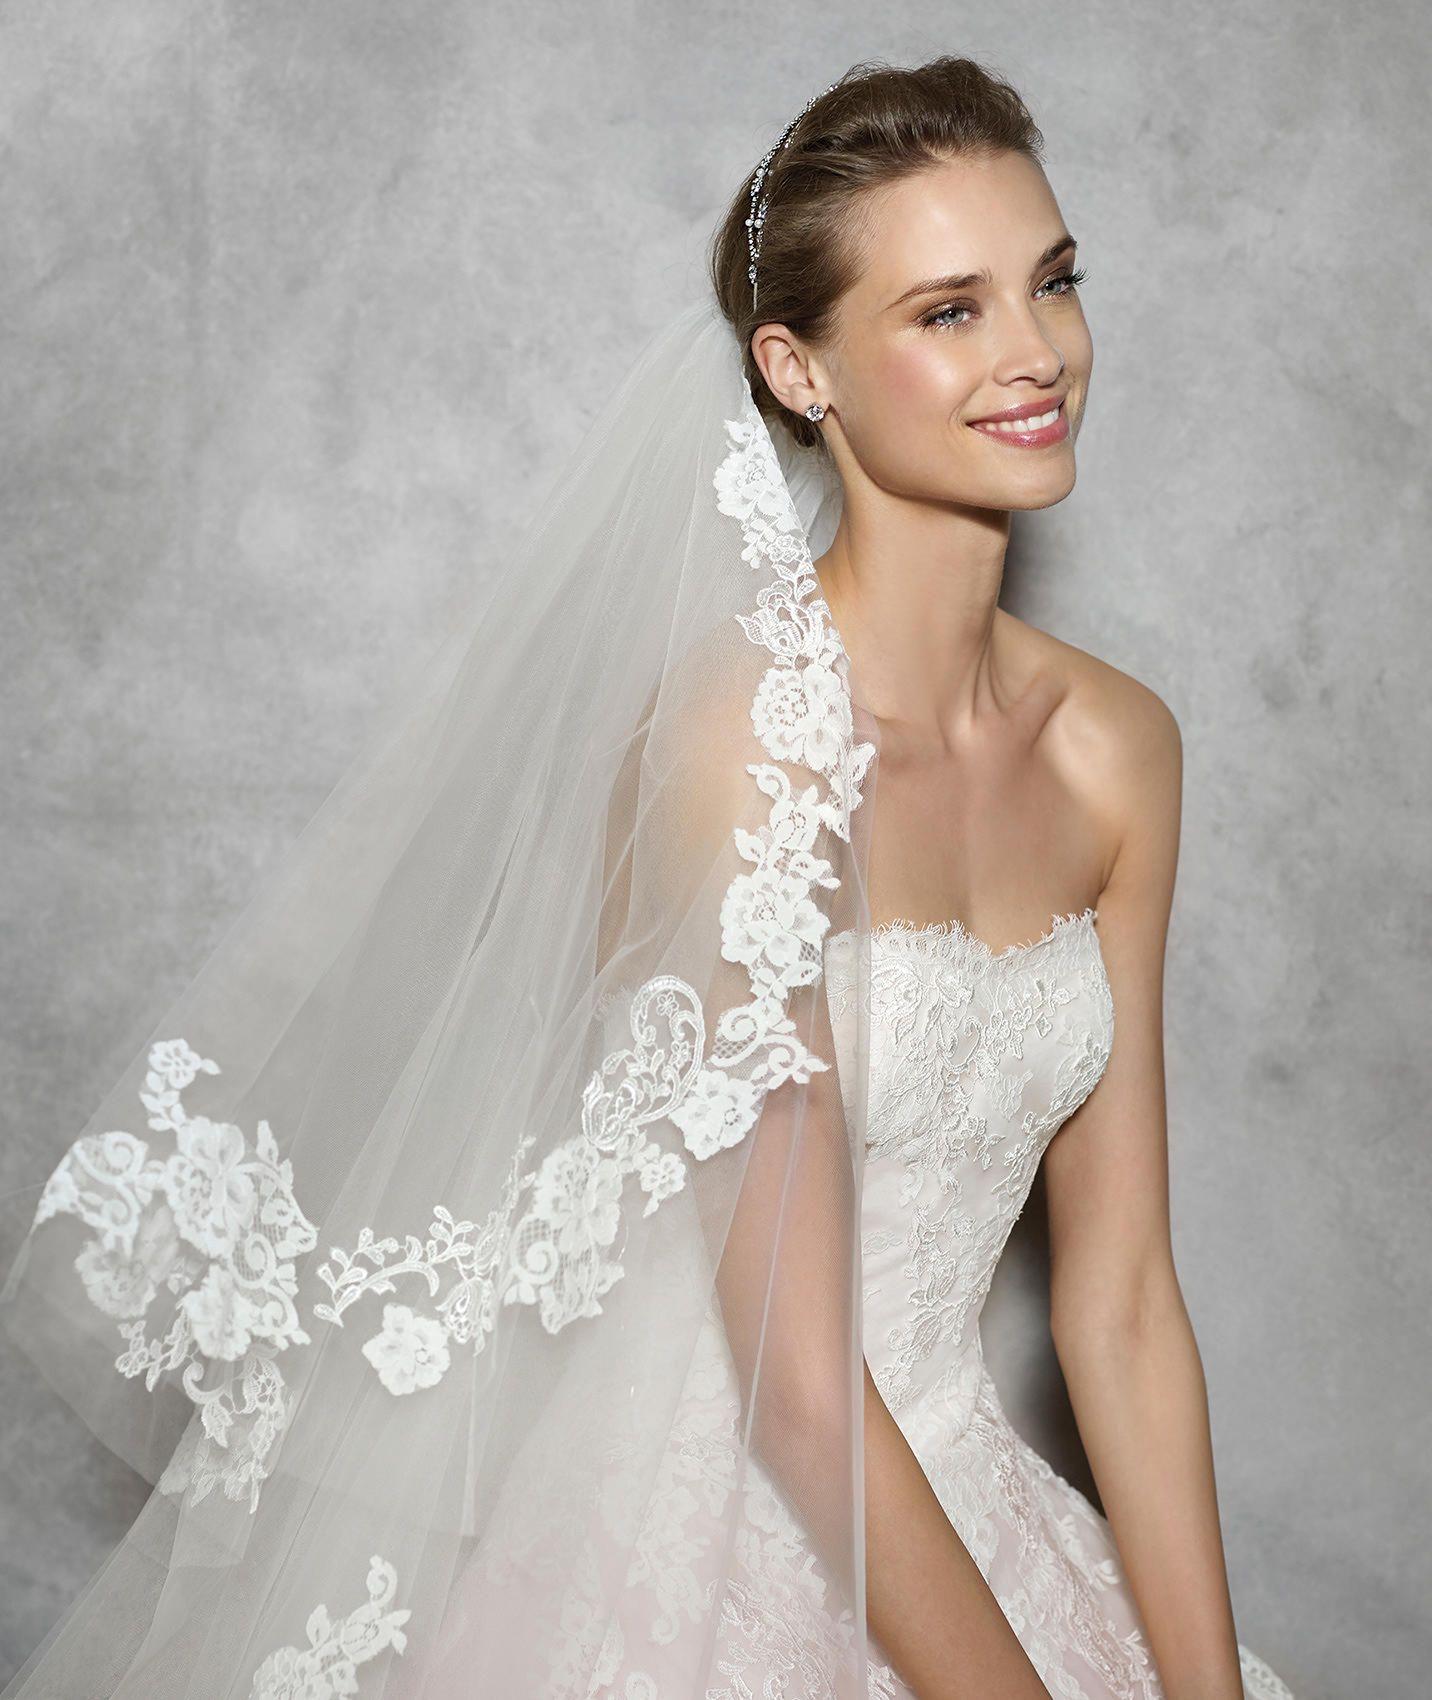 TOSHA - Brautkleid im Prinzessin-Stil mit herzförmigem Dekolleté ...